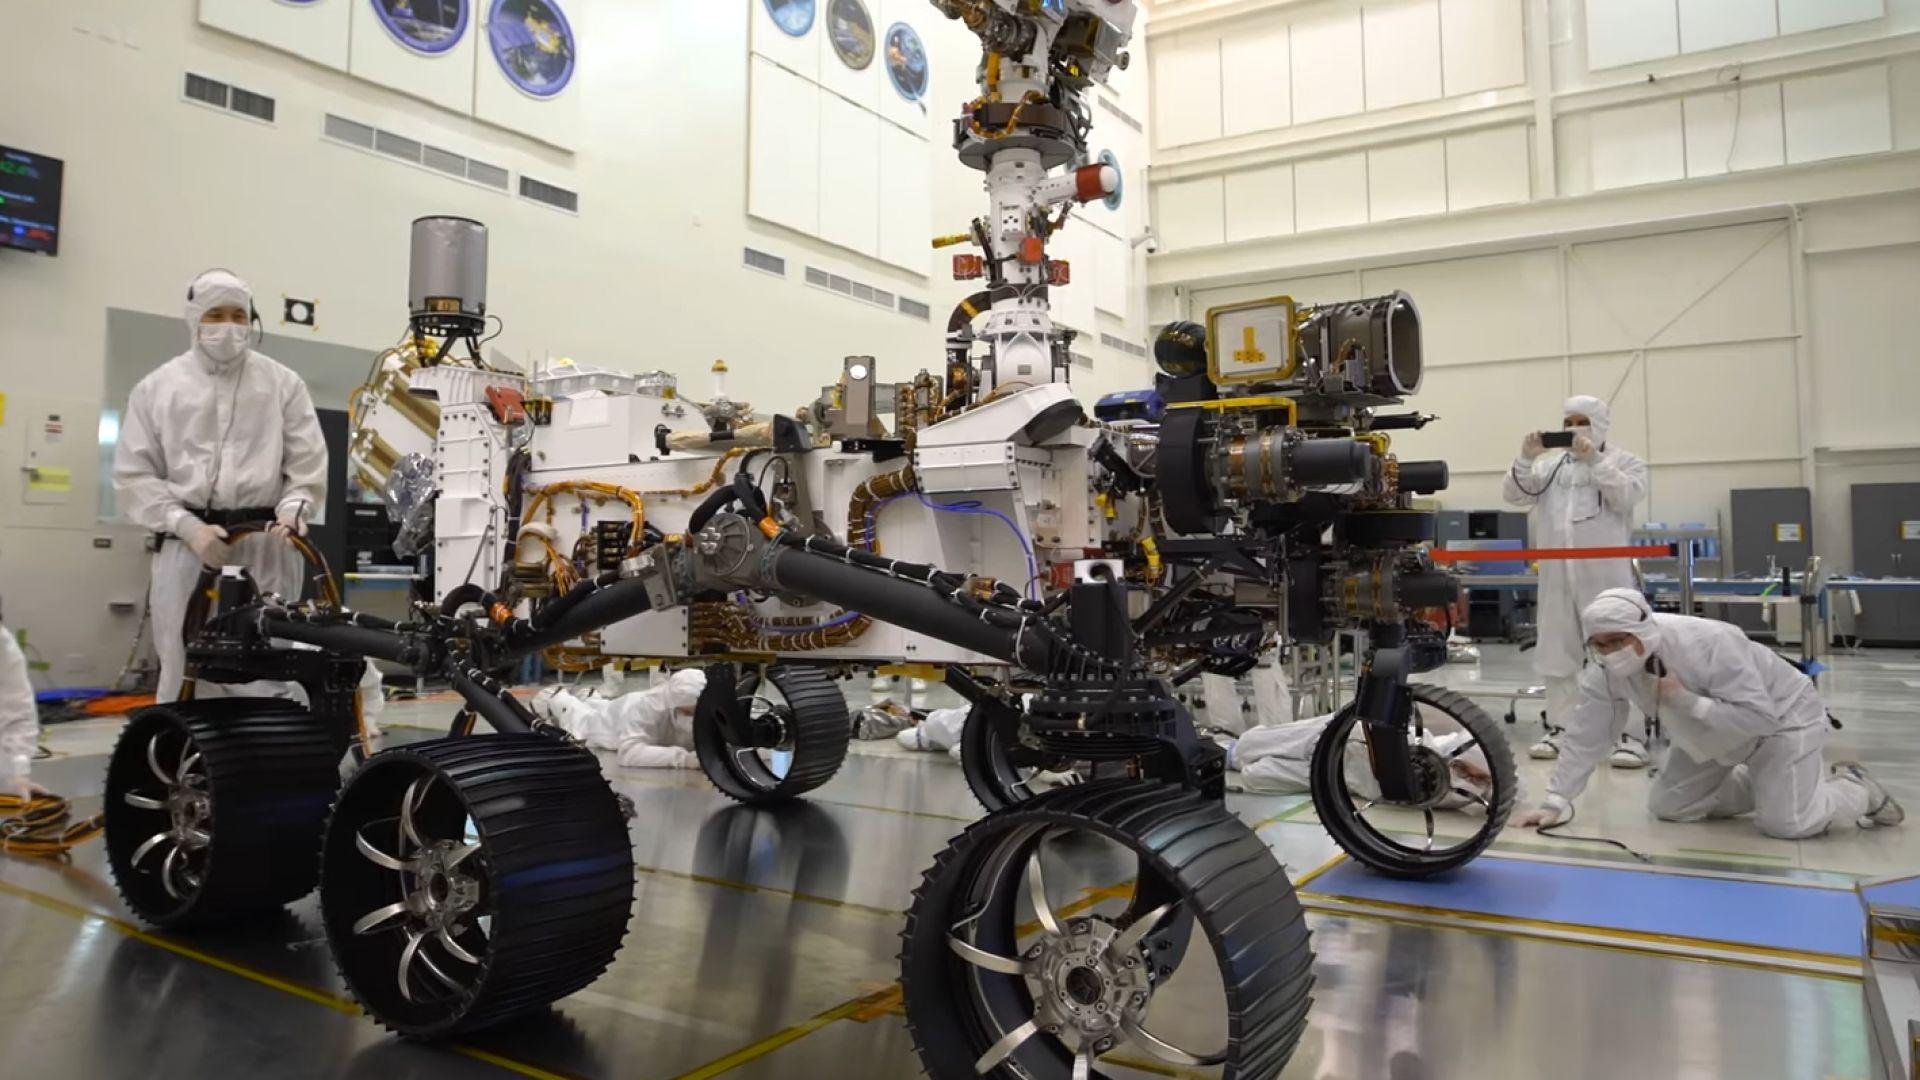 НАСА показа новия си марсоход, Китай също се готви за марсианска експедиция (видео и снимки)